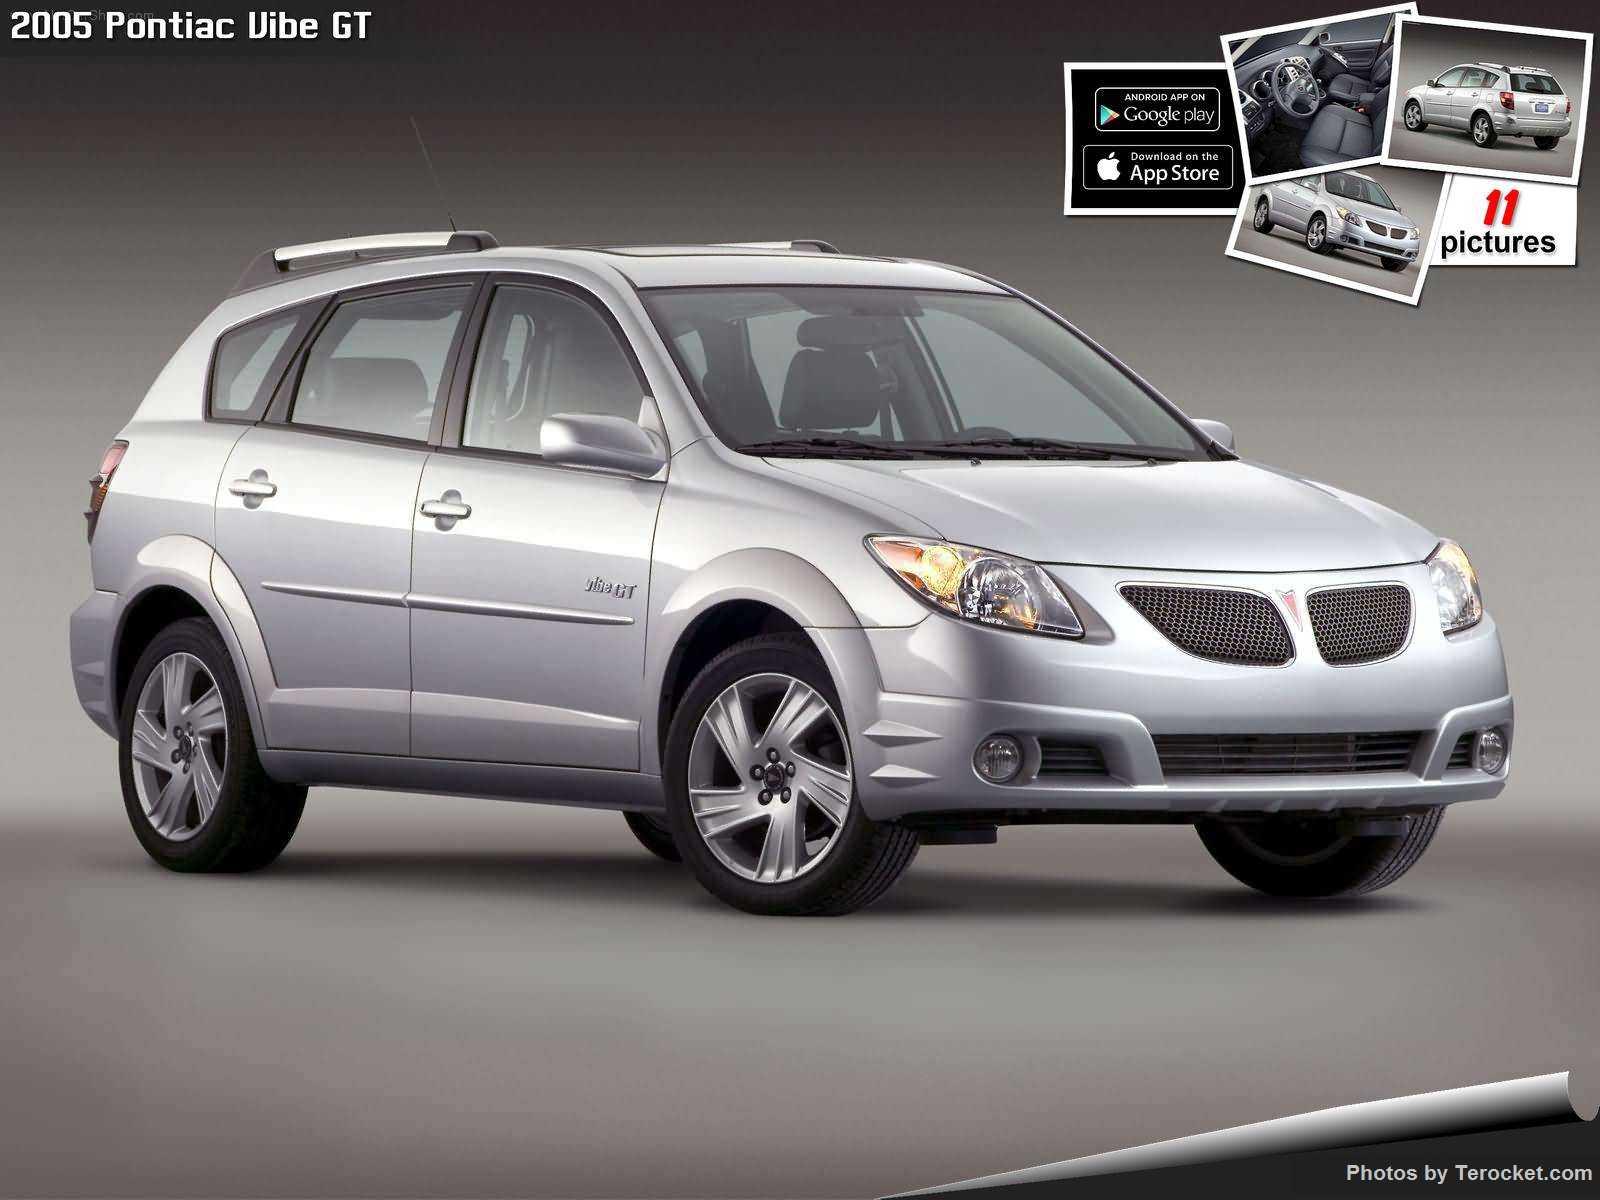 Hình ảnh xe ô tô Pontiac Vibe GT 2005 & nội ngoại thất